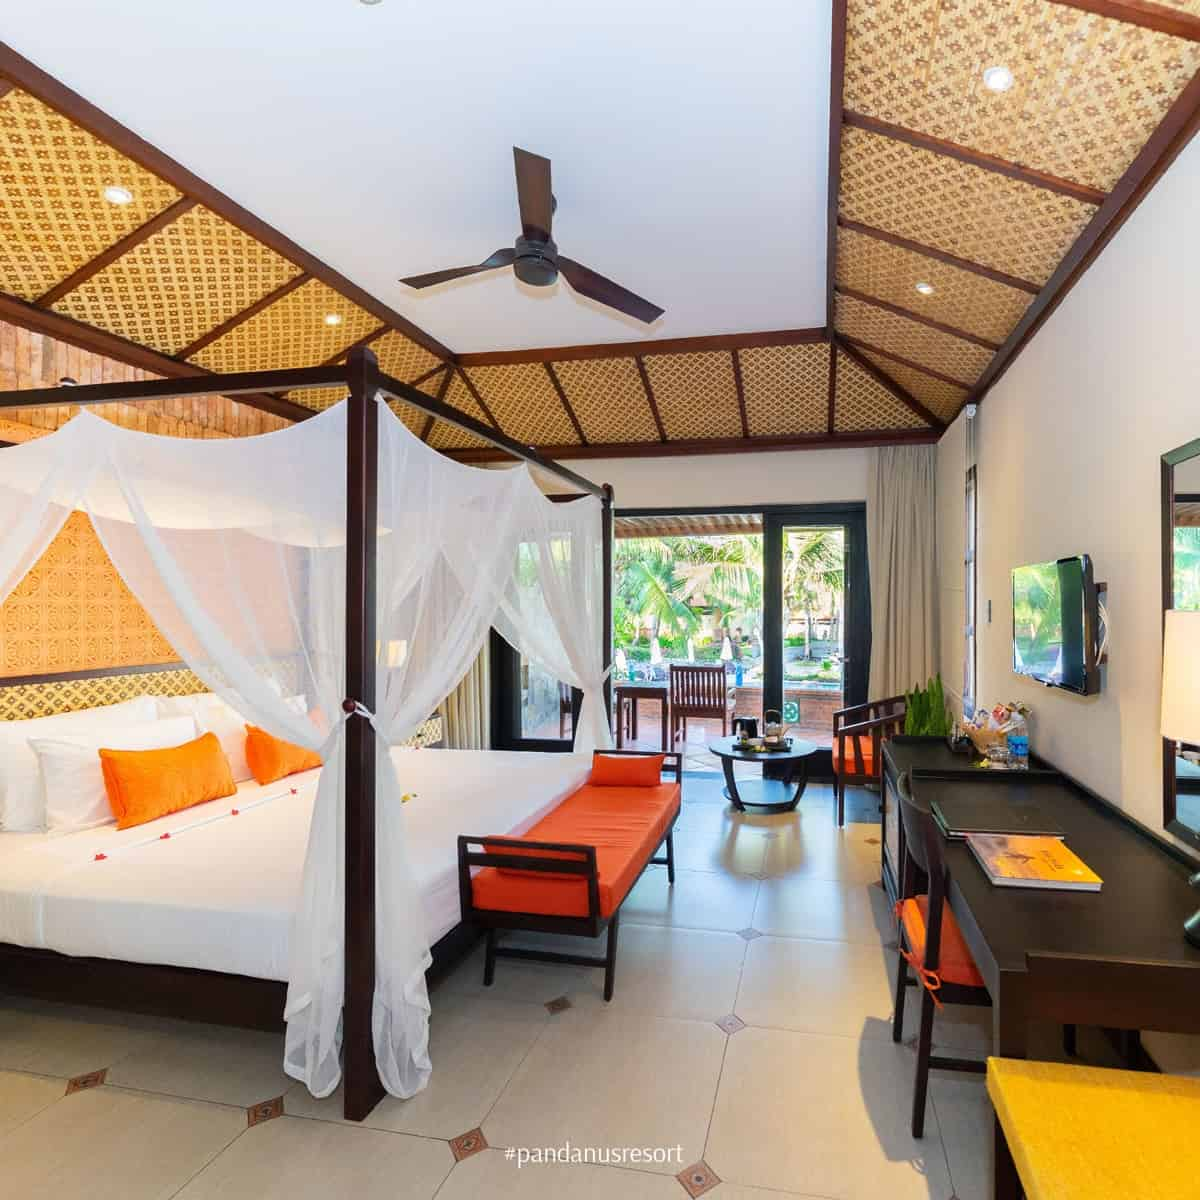 Phòng nghỉ tại Pandanus Resort